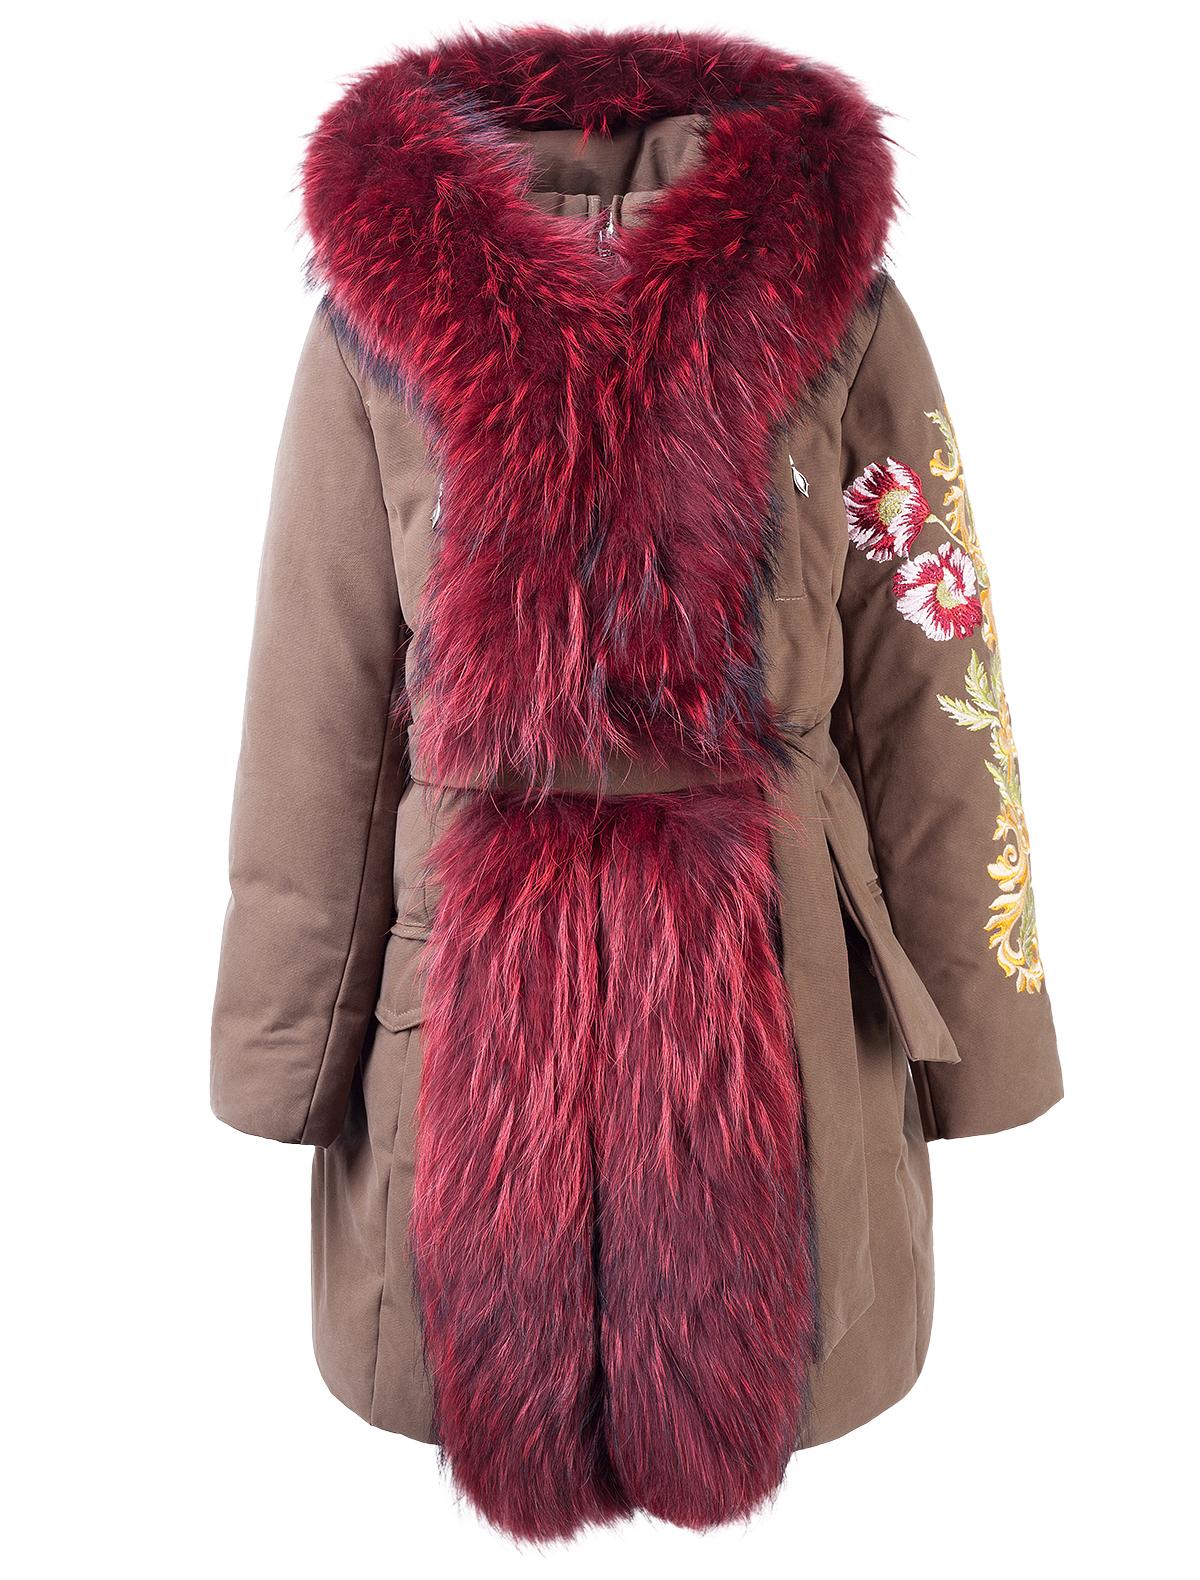 1880191, Пальто Manudieci, разноцветный, Женский, 1122309780168  - купить со скидкой